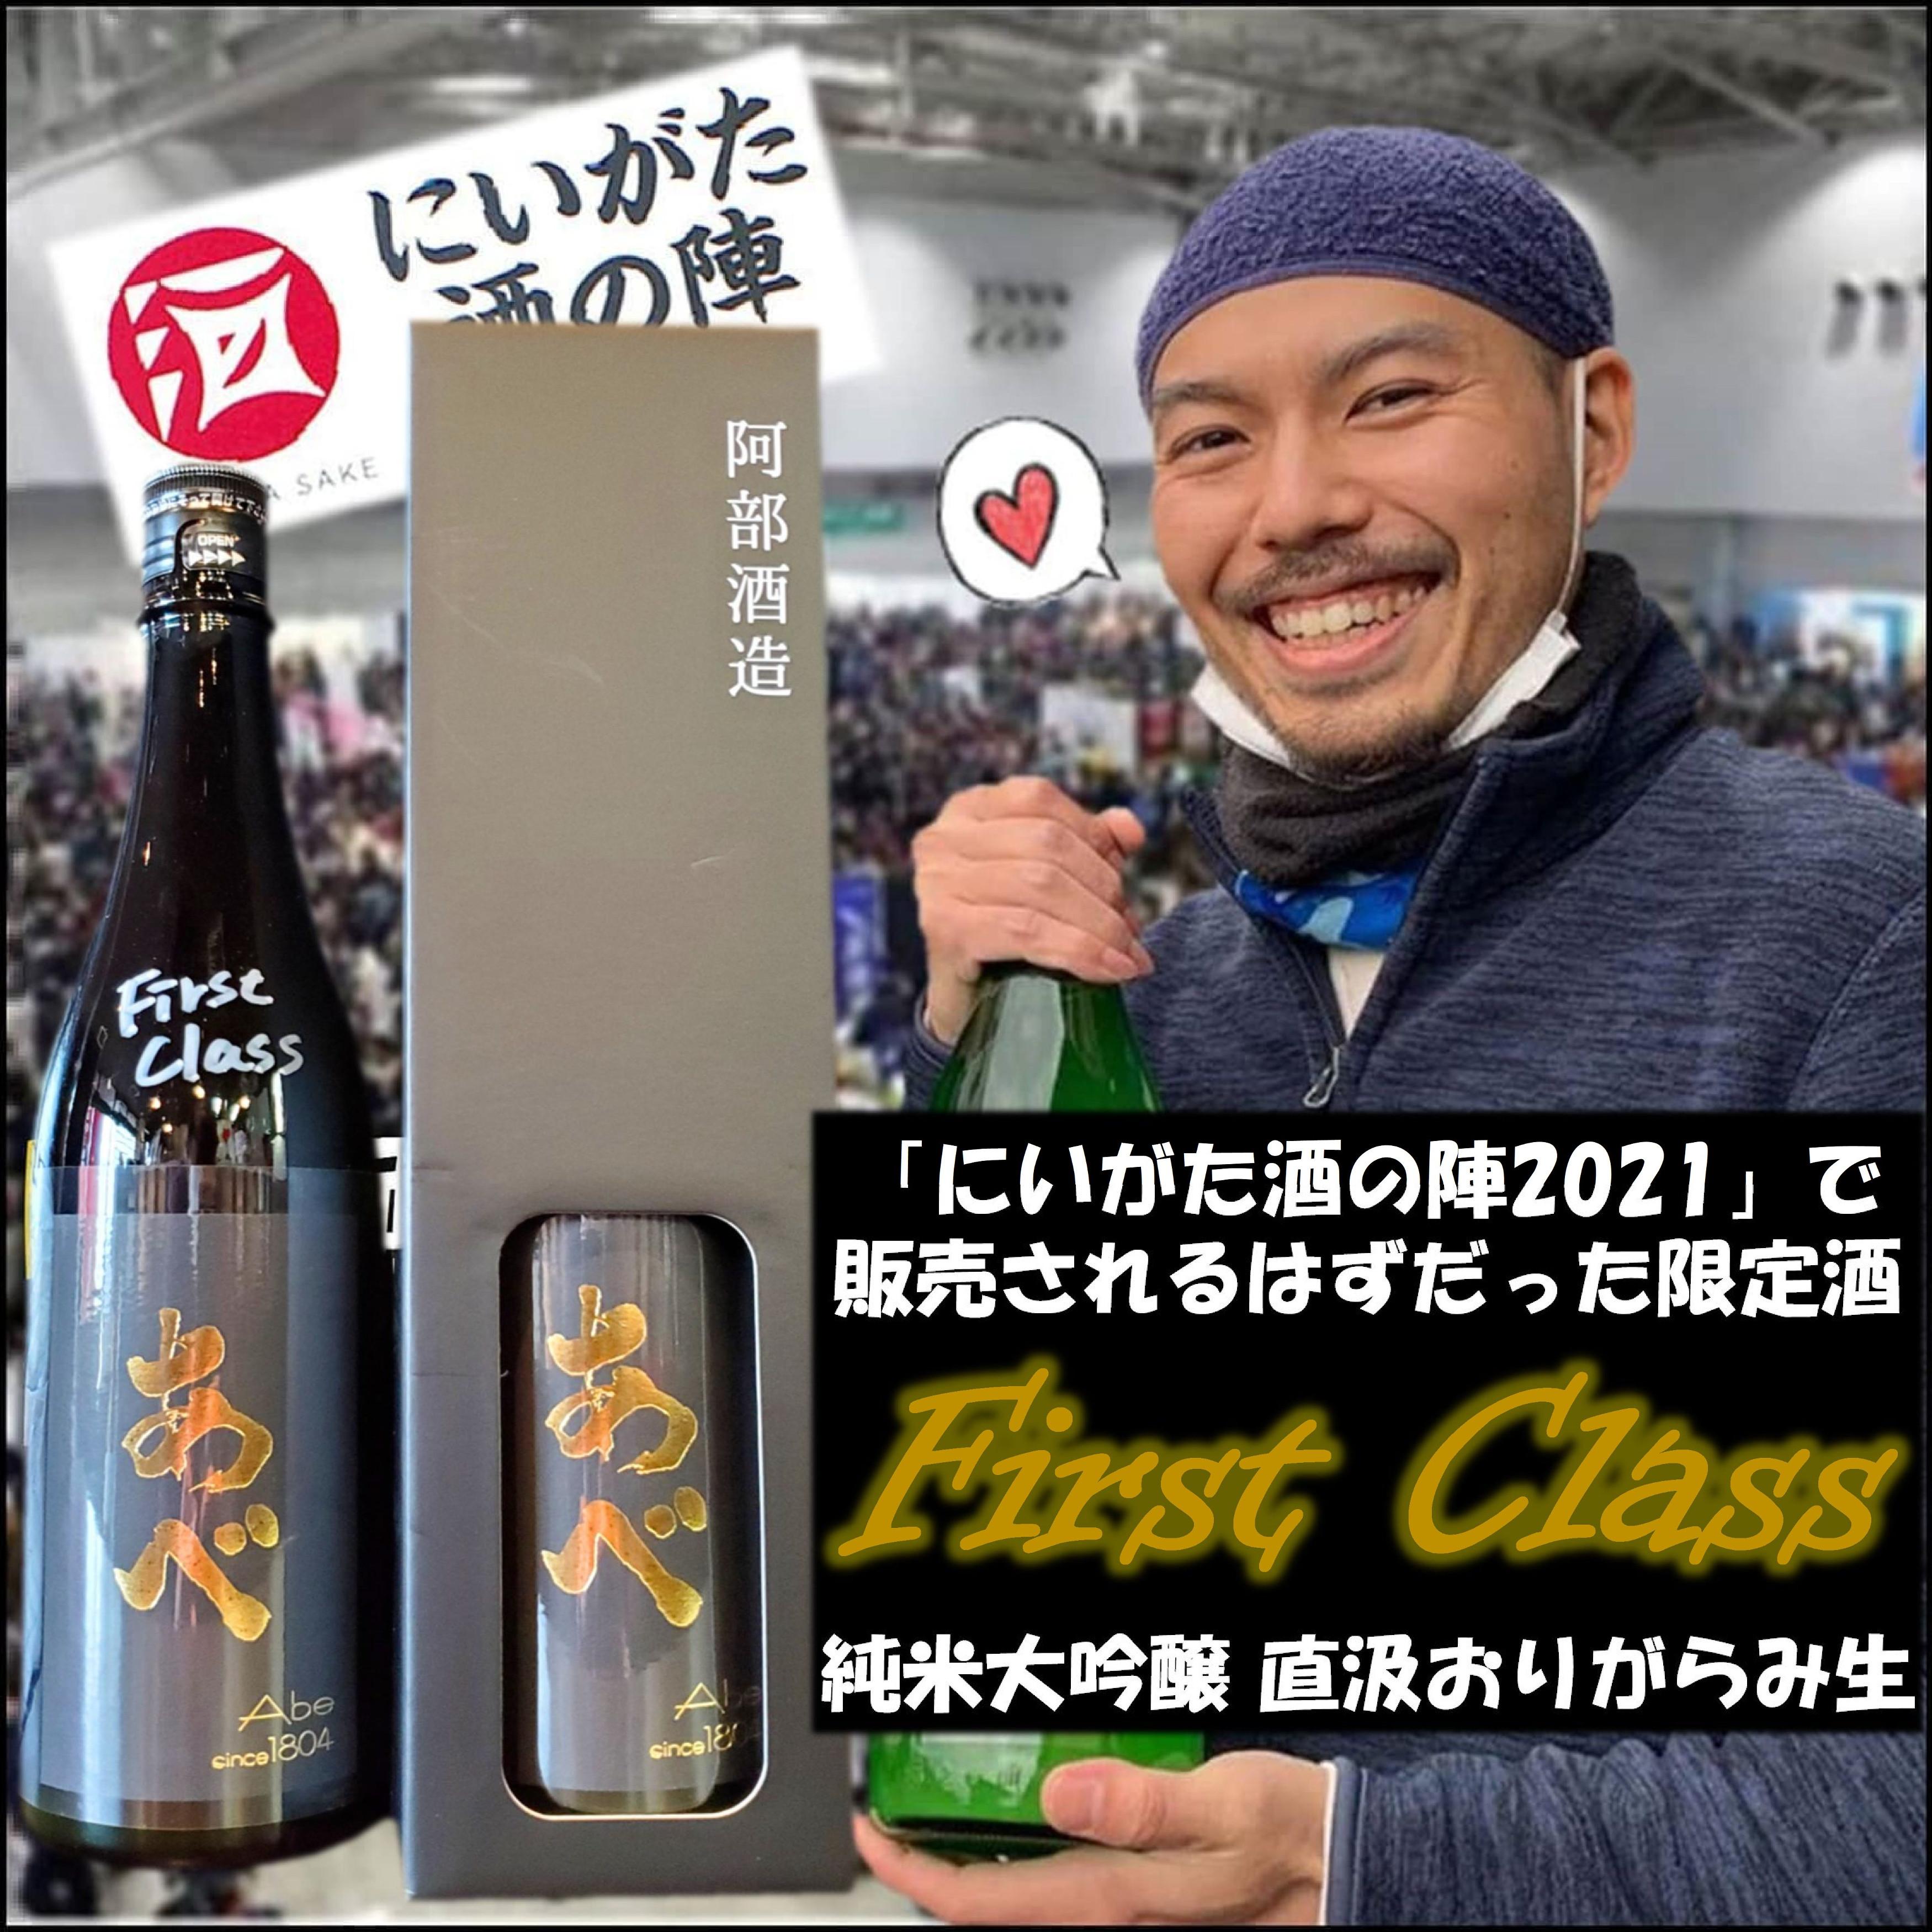 【限定】 あべ 純米大吟醸 無加圧直汲みおりがらみ生原酒 First Class 720ml